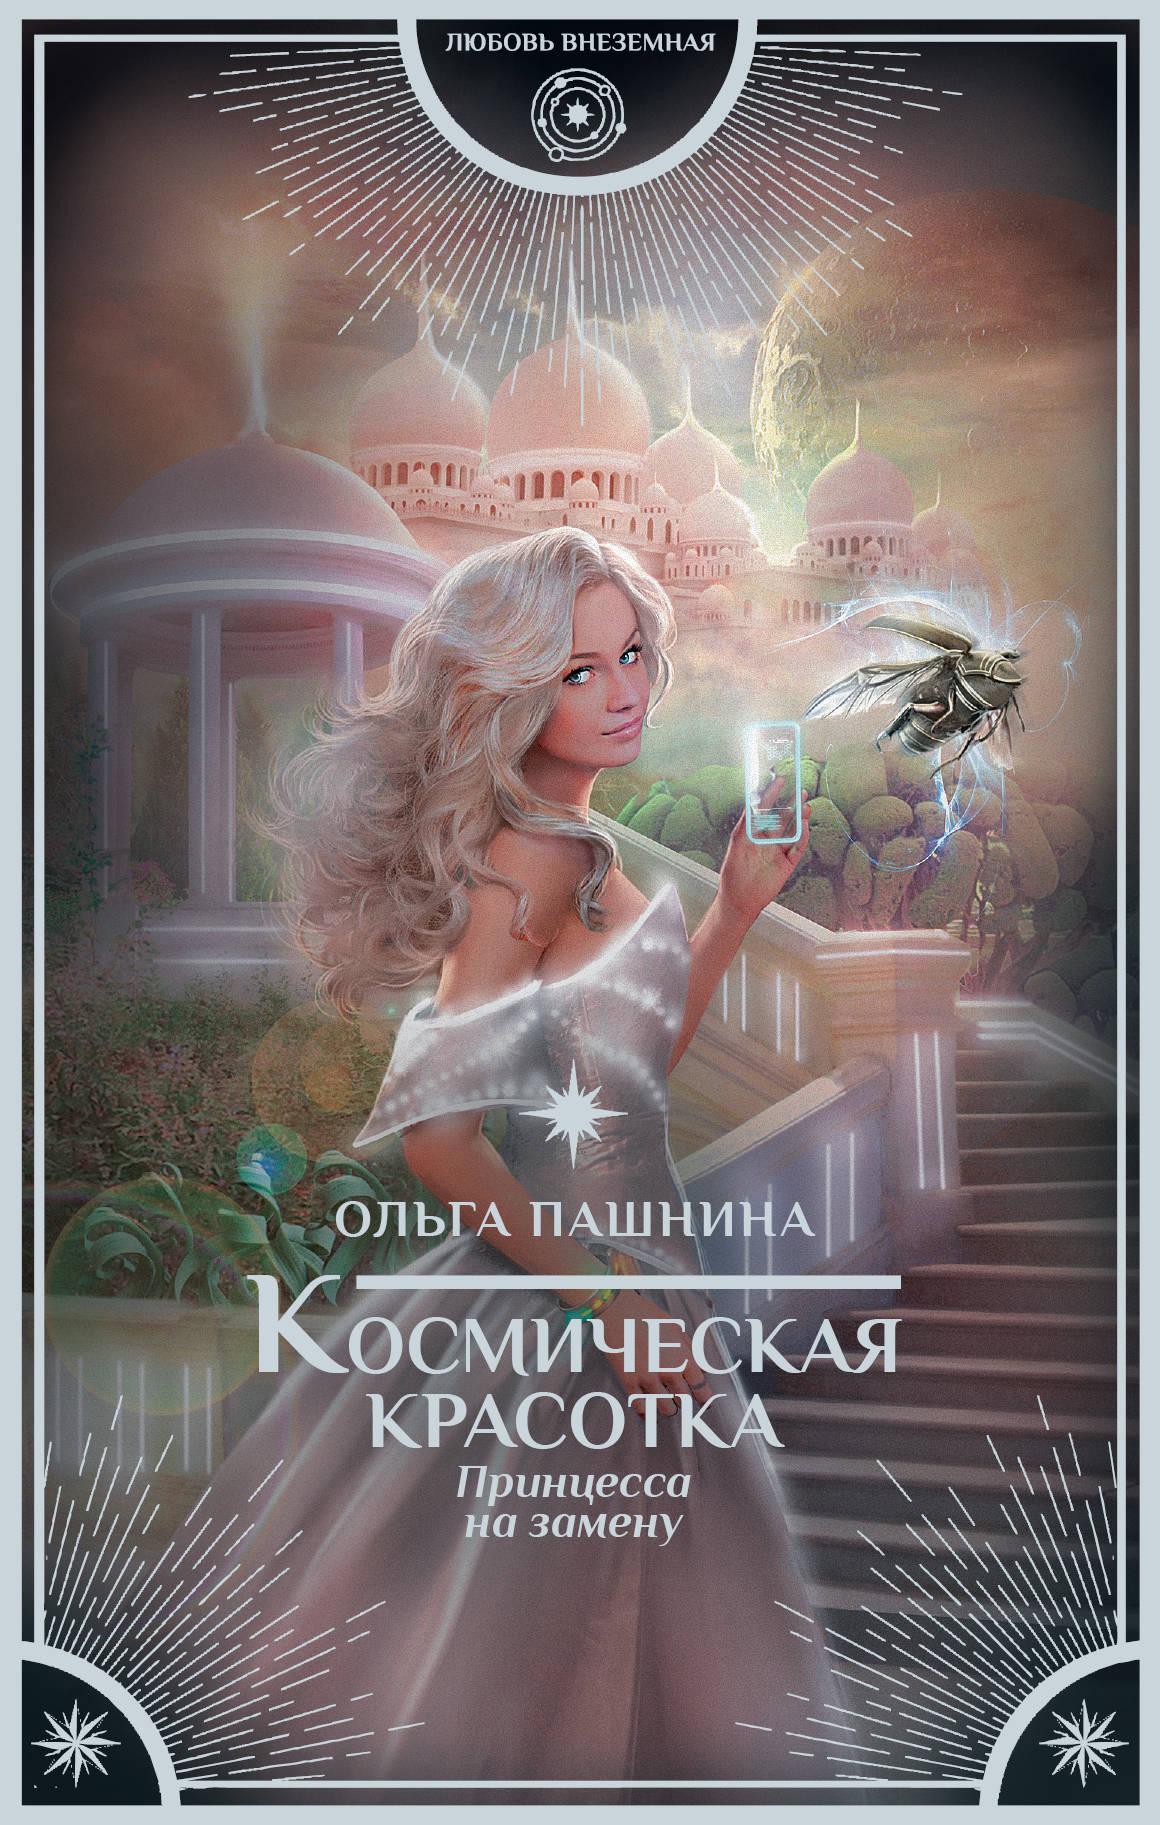 Ольга Пашнина Космическая красотка. Принцесса на замену